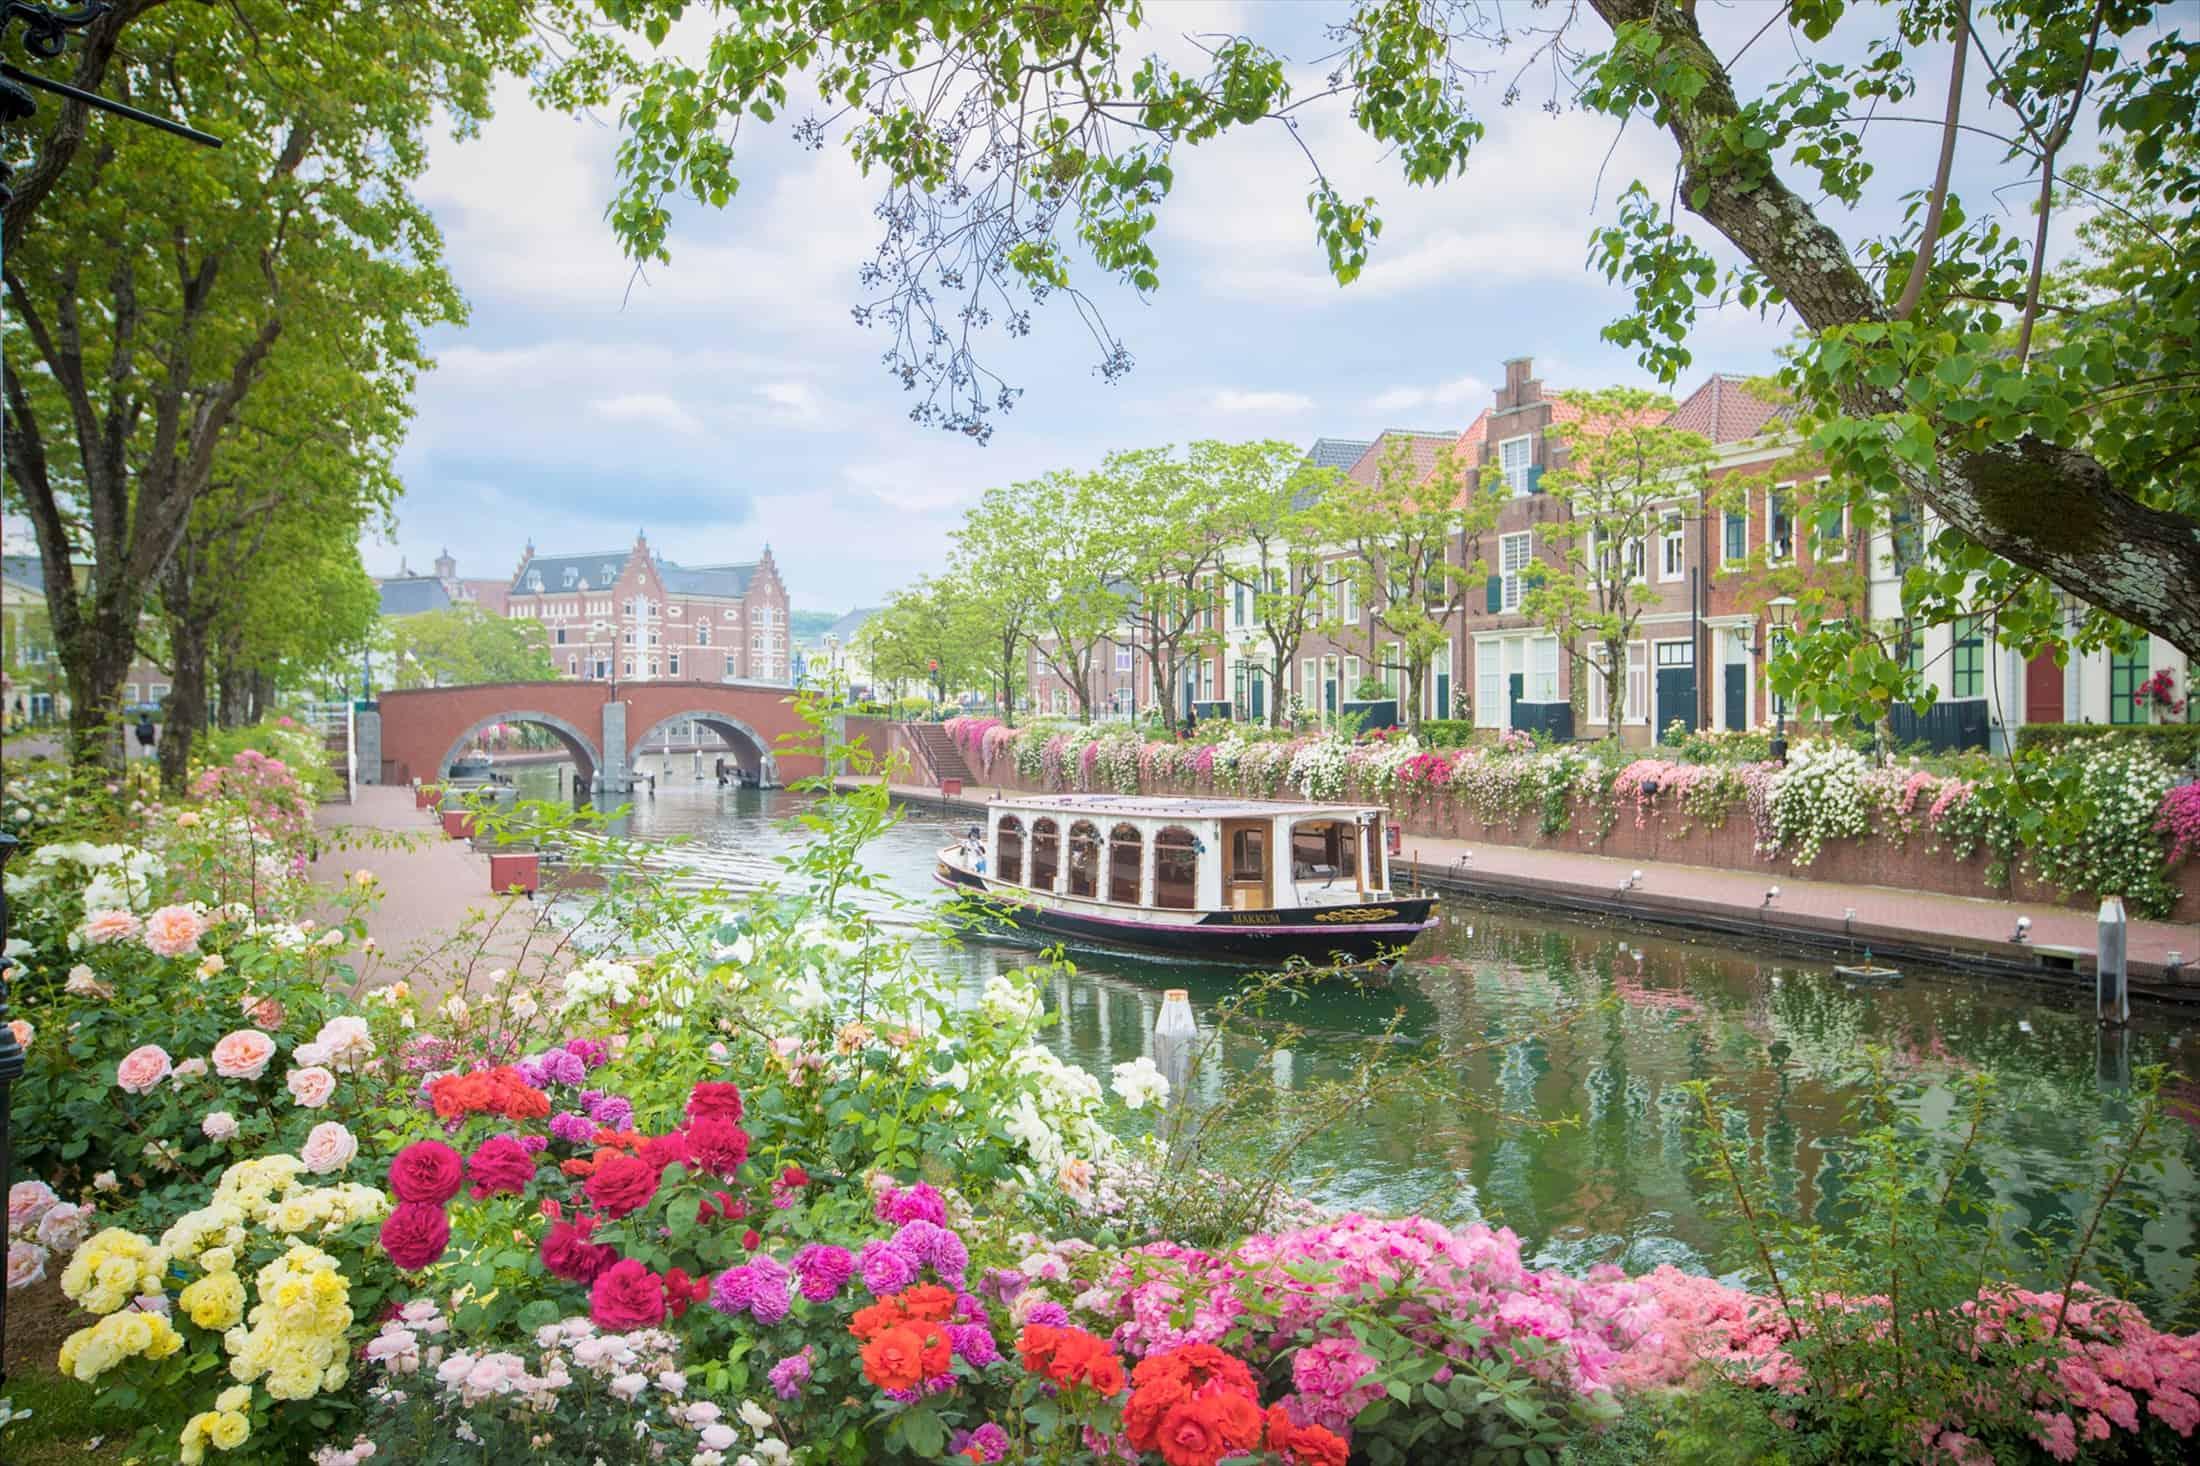 เฮาส์เทนบอช (Huis Ten Bosch)